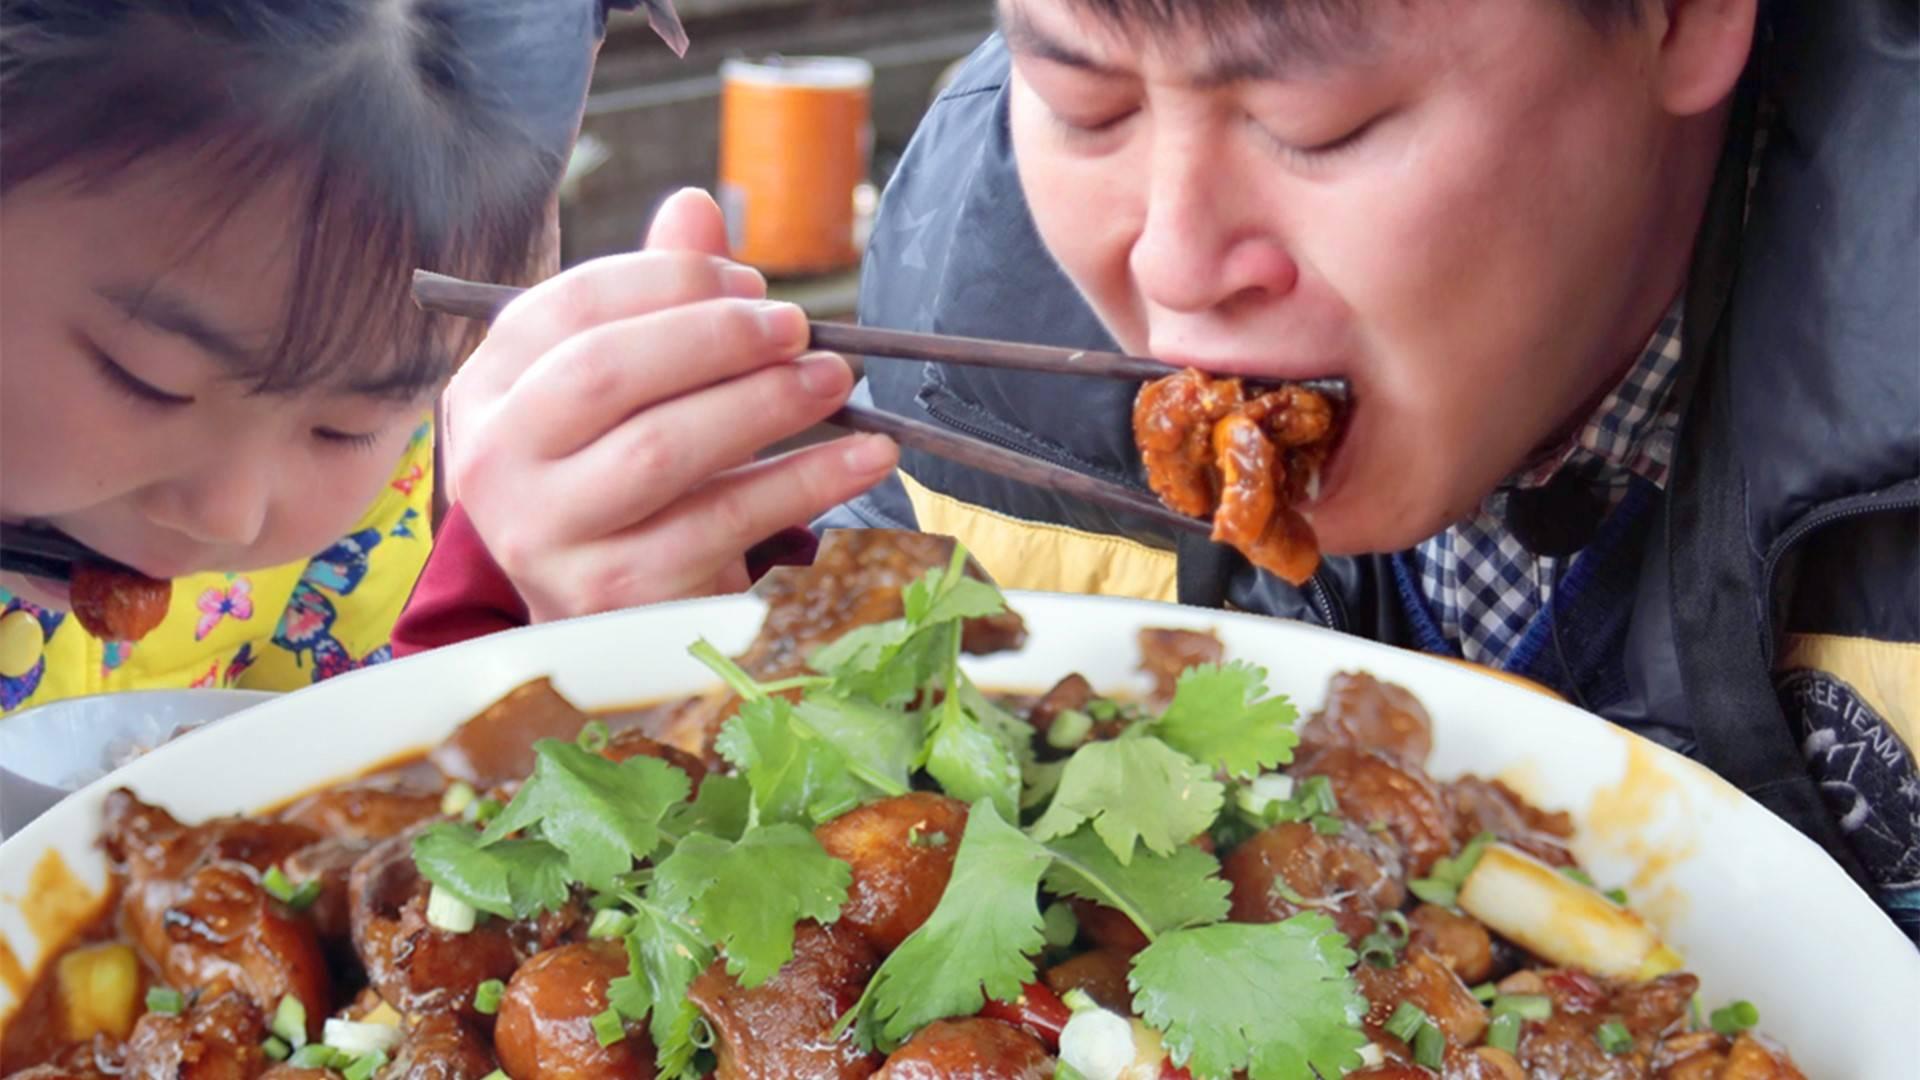 1整根猪脚,德哥加2斤虎皮鹌鹑蛋砂锅里焖烧1小时,大口吃肉扒饭真过瘾